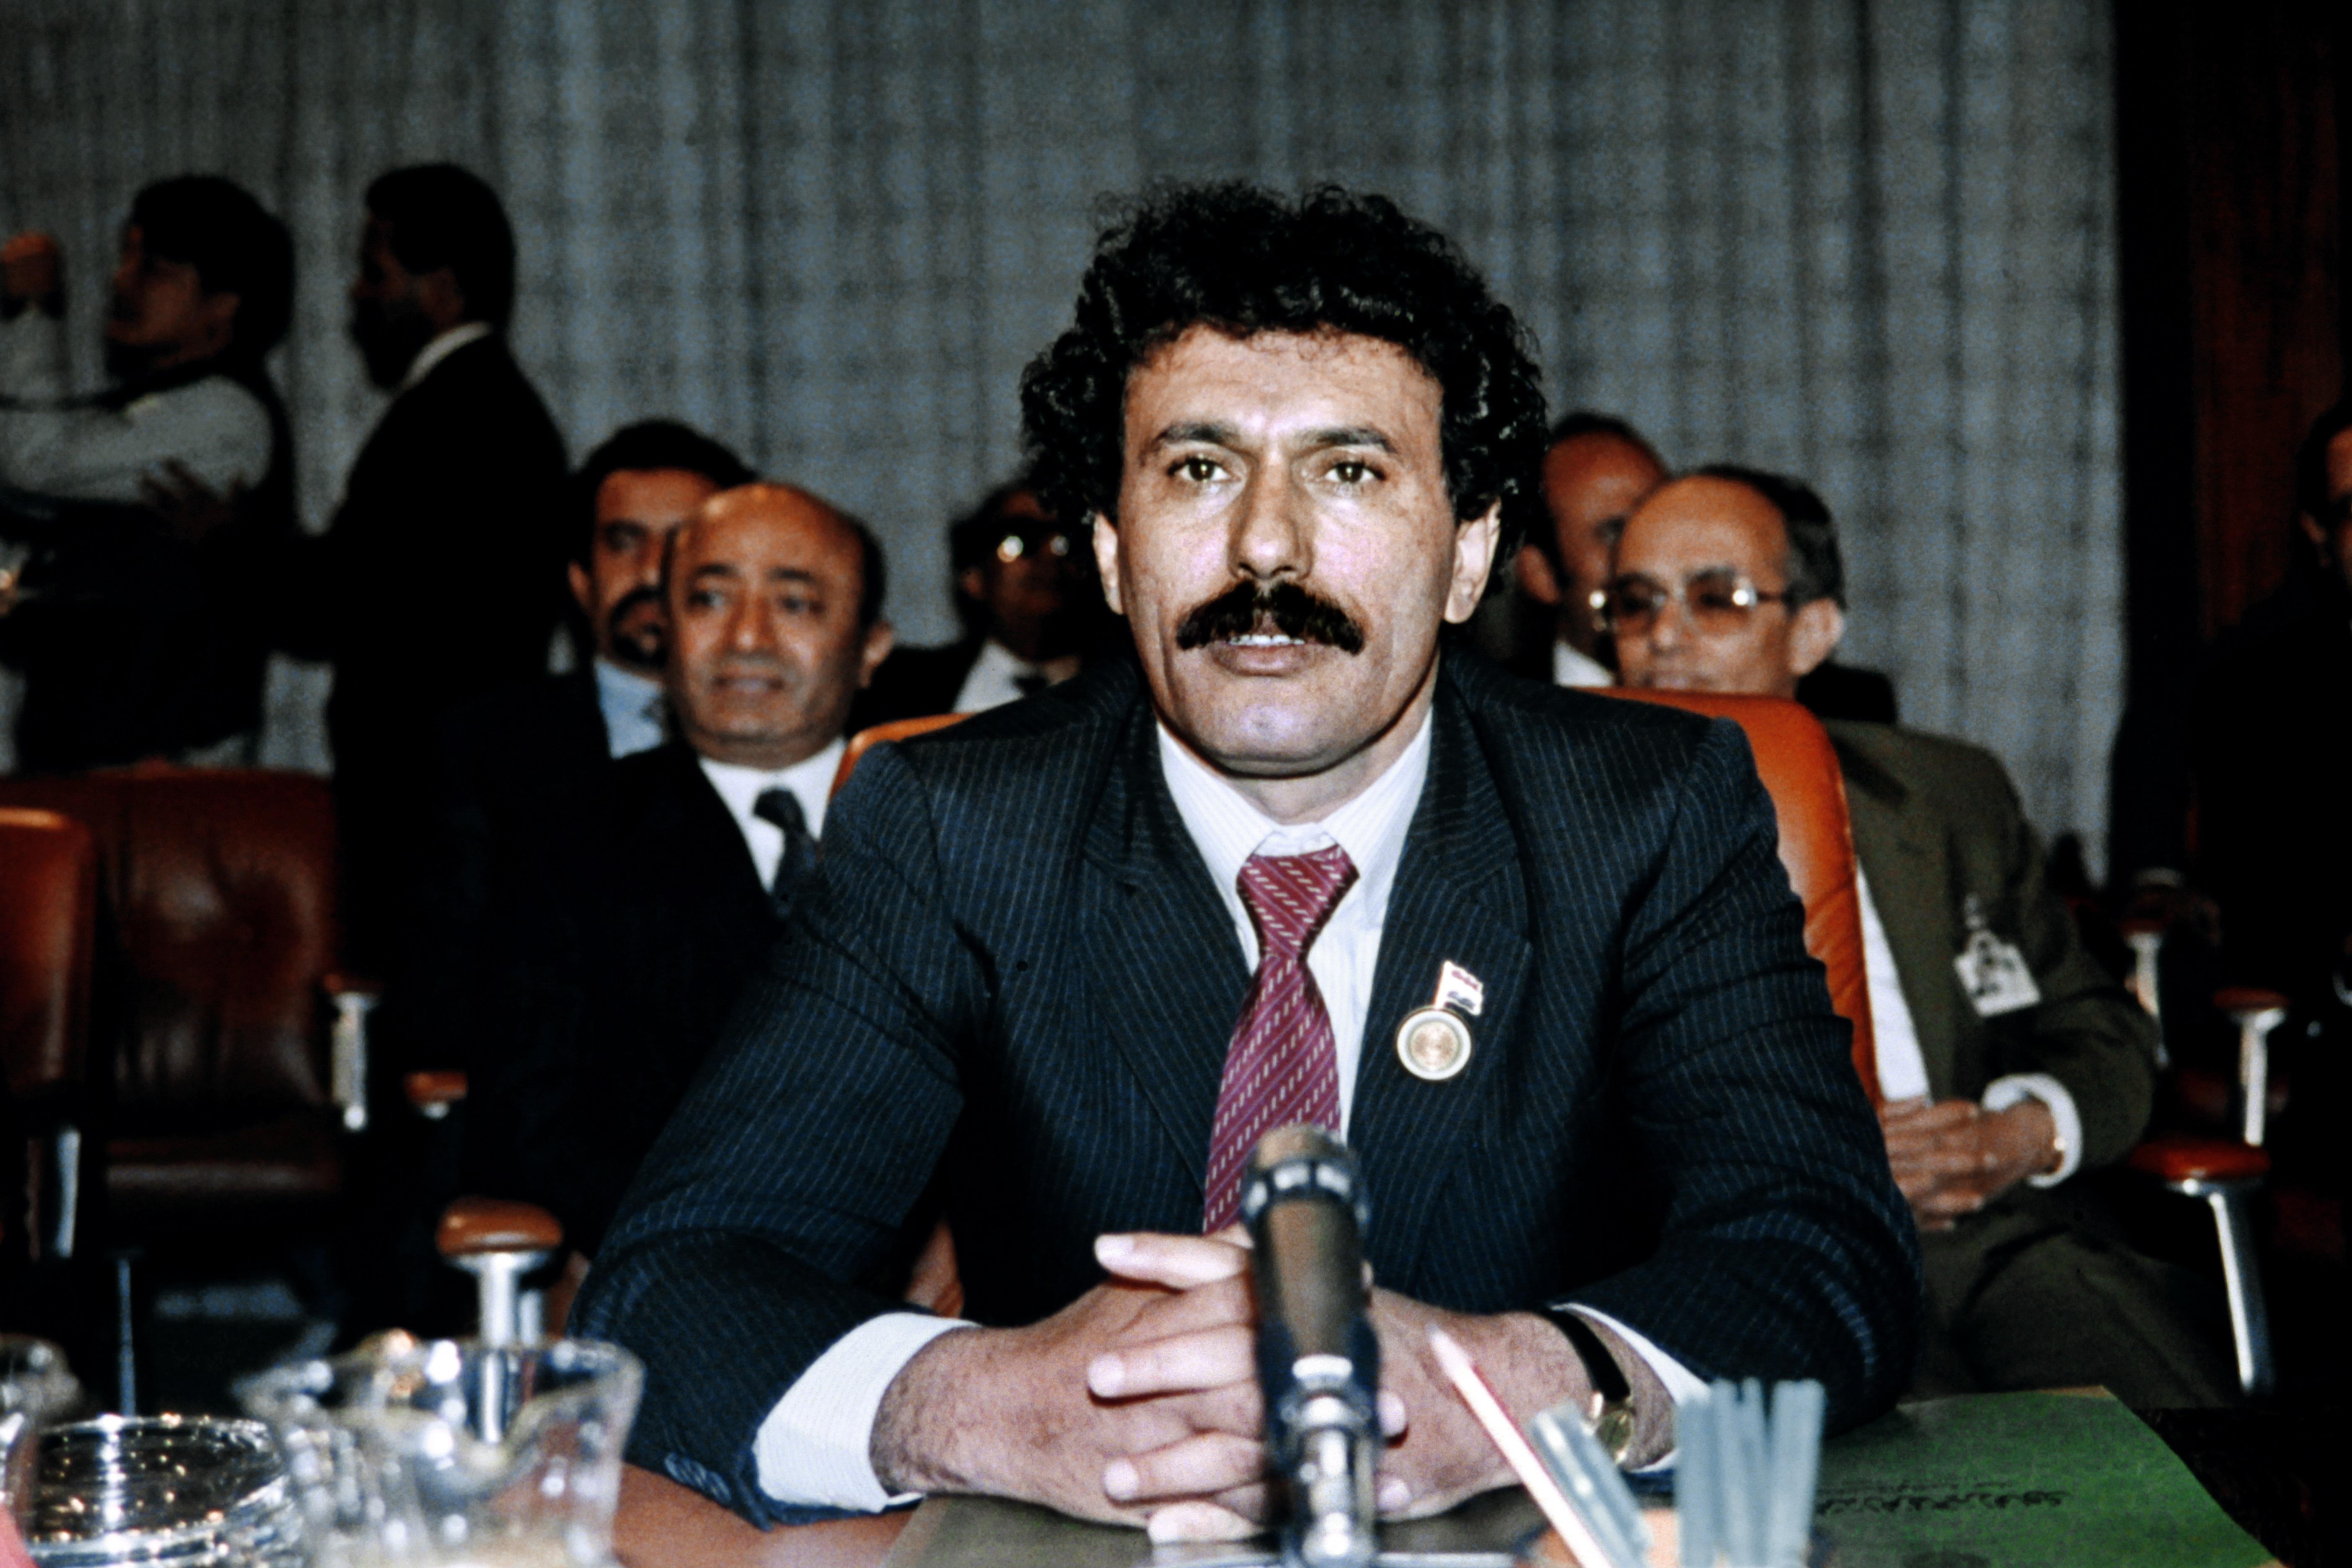 الرئيس اليمني علي عبد الله صالح خلال القمة العربية الطارئة عام 1987